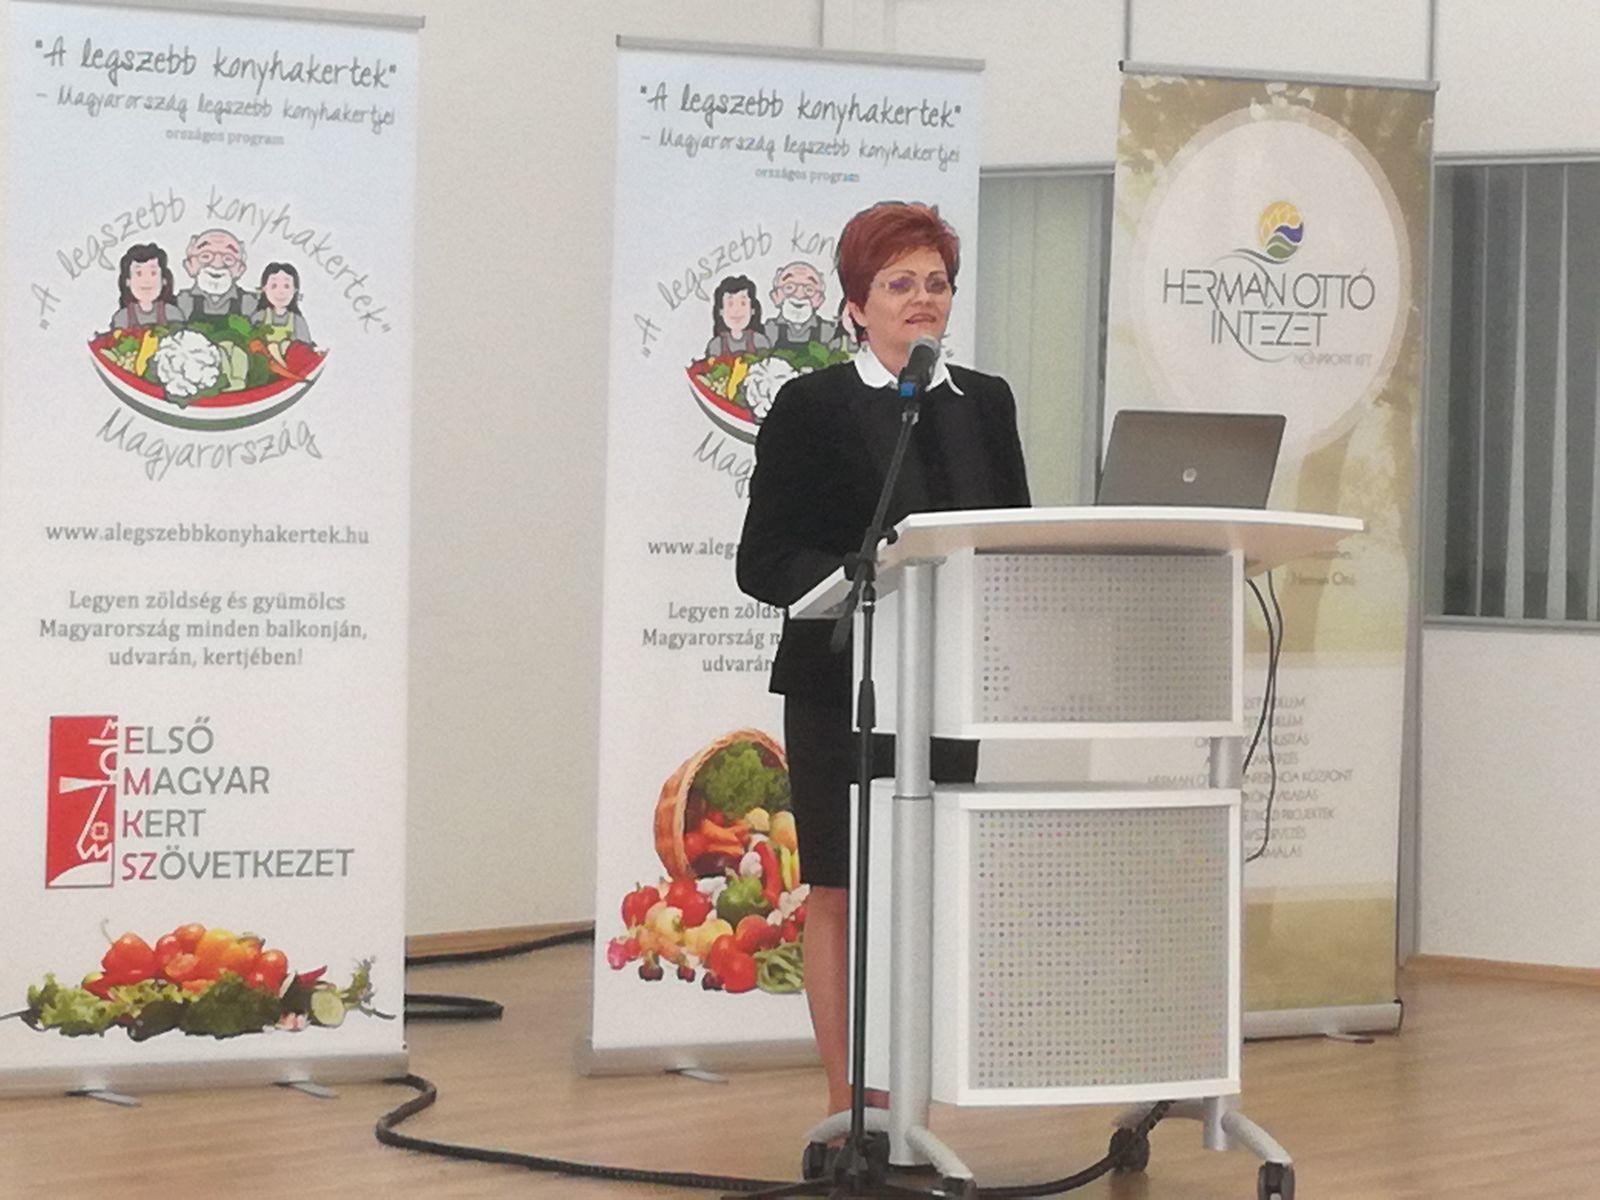 Kovács Szilvia: A program egyik legnagyobb eredménye, hogy a hat év alatt szinte gyökeresen megváltoztak a kertművelési szokások